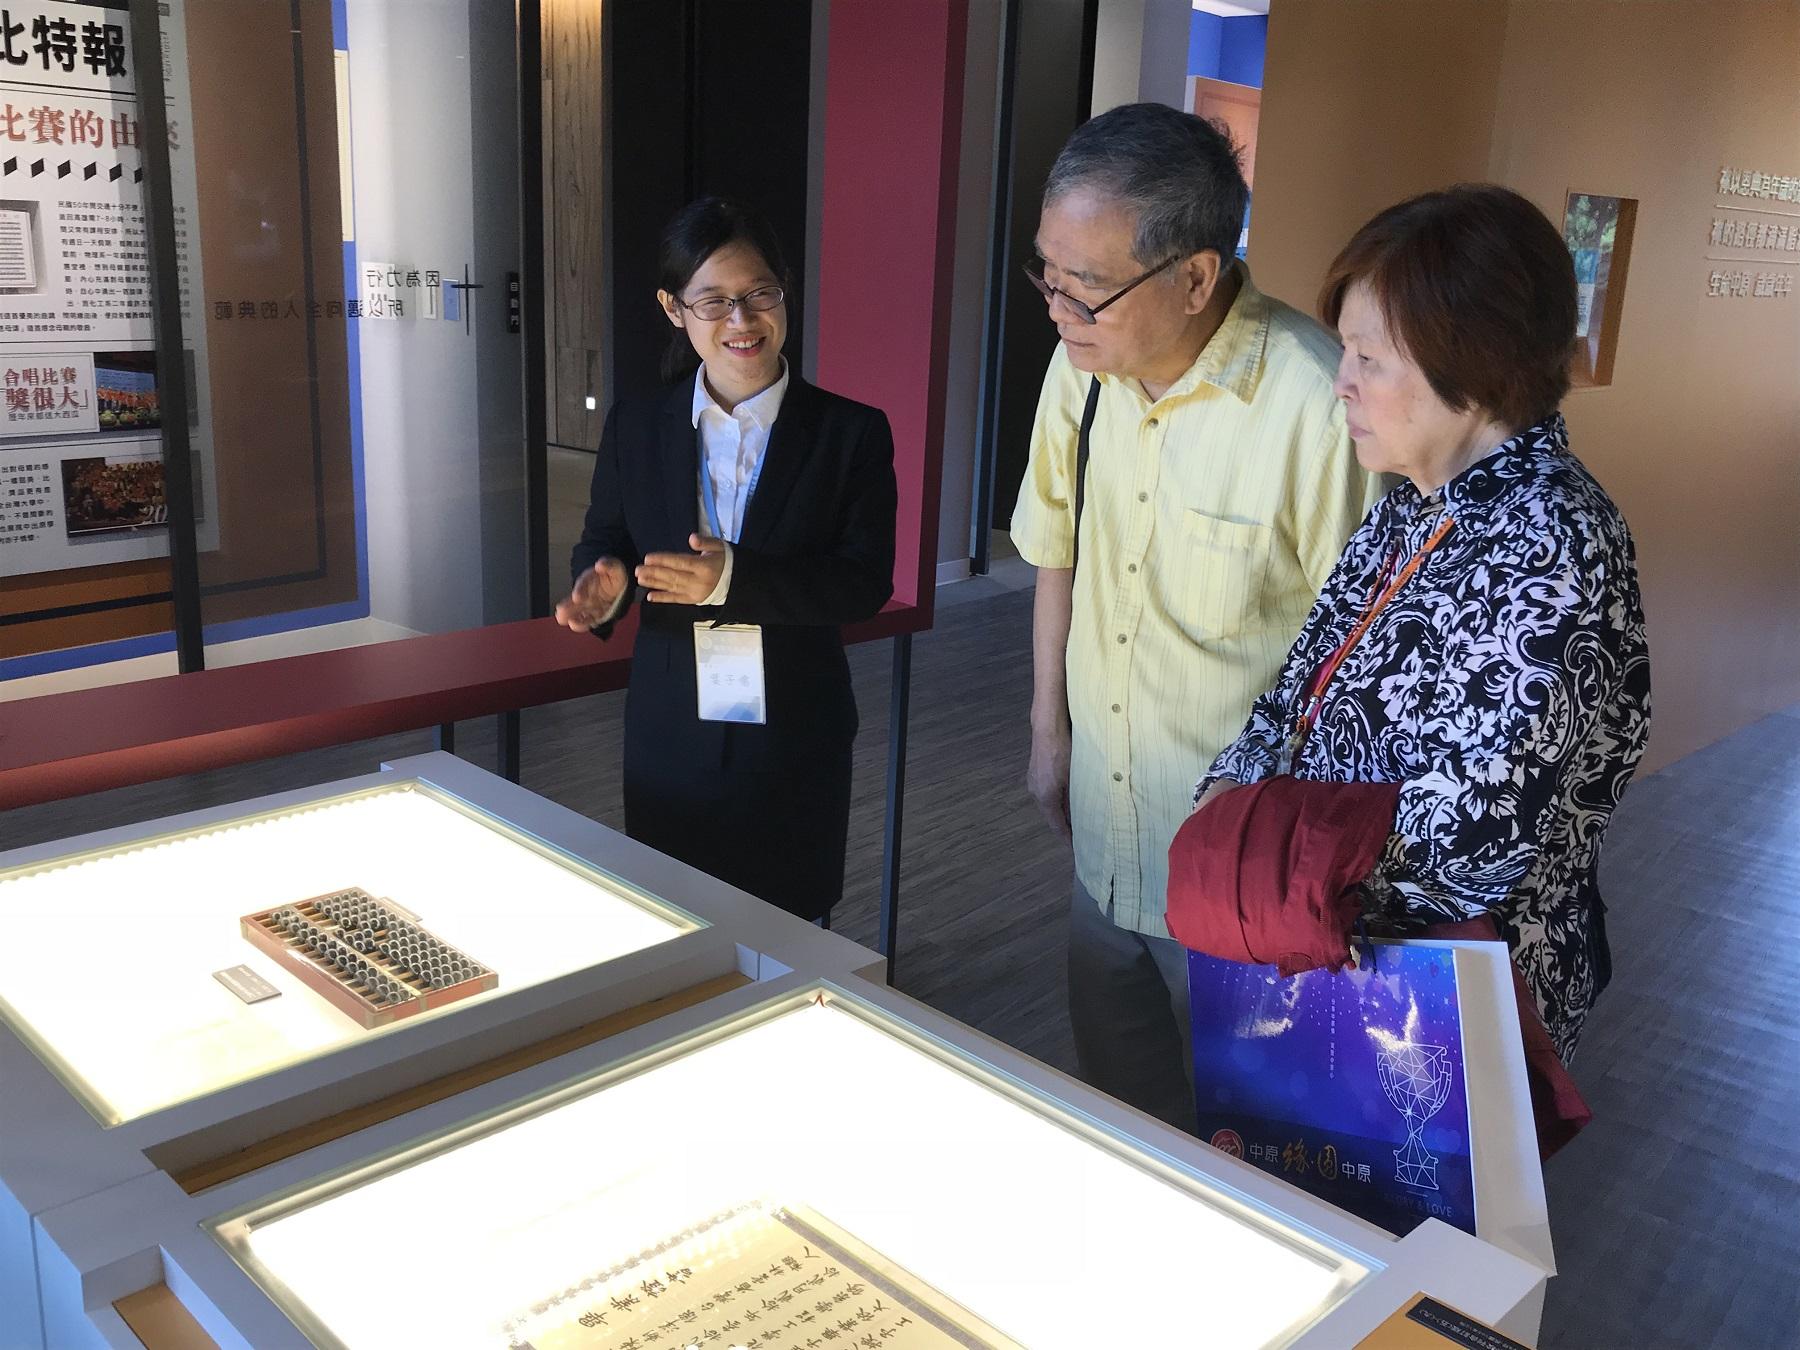 旅居美國德州的數學系57級校友郎德龍,特地偕同夫人返校參加校友日系列活動.JPG